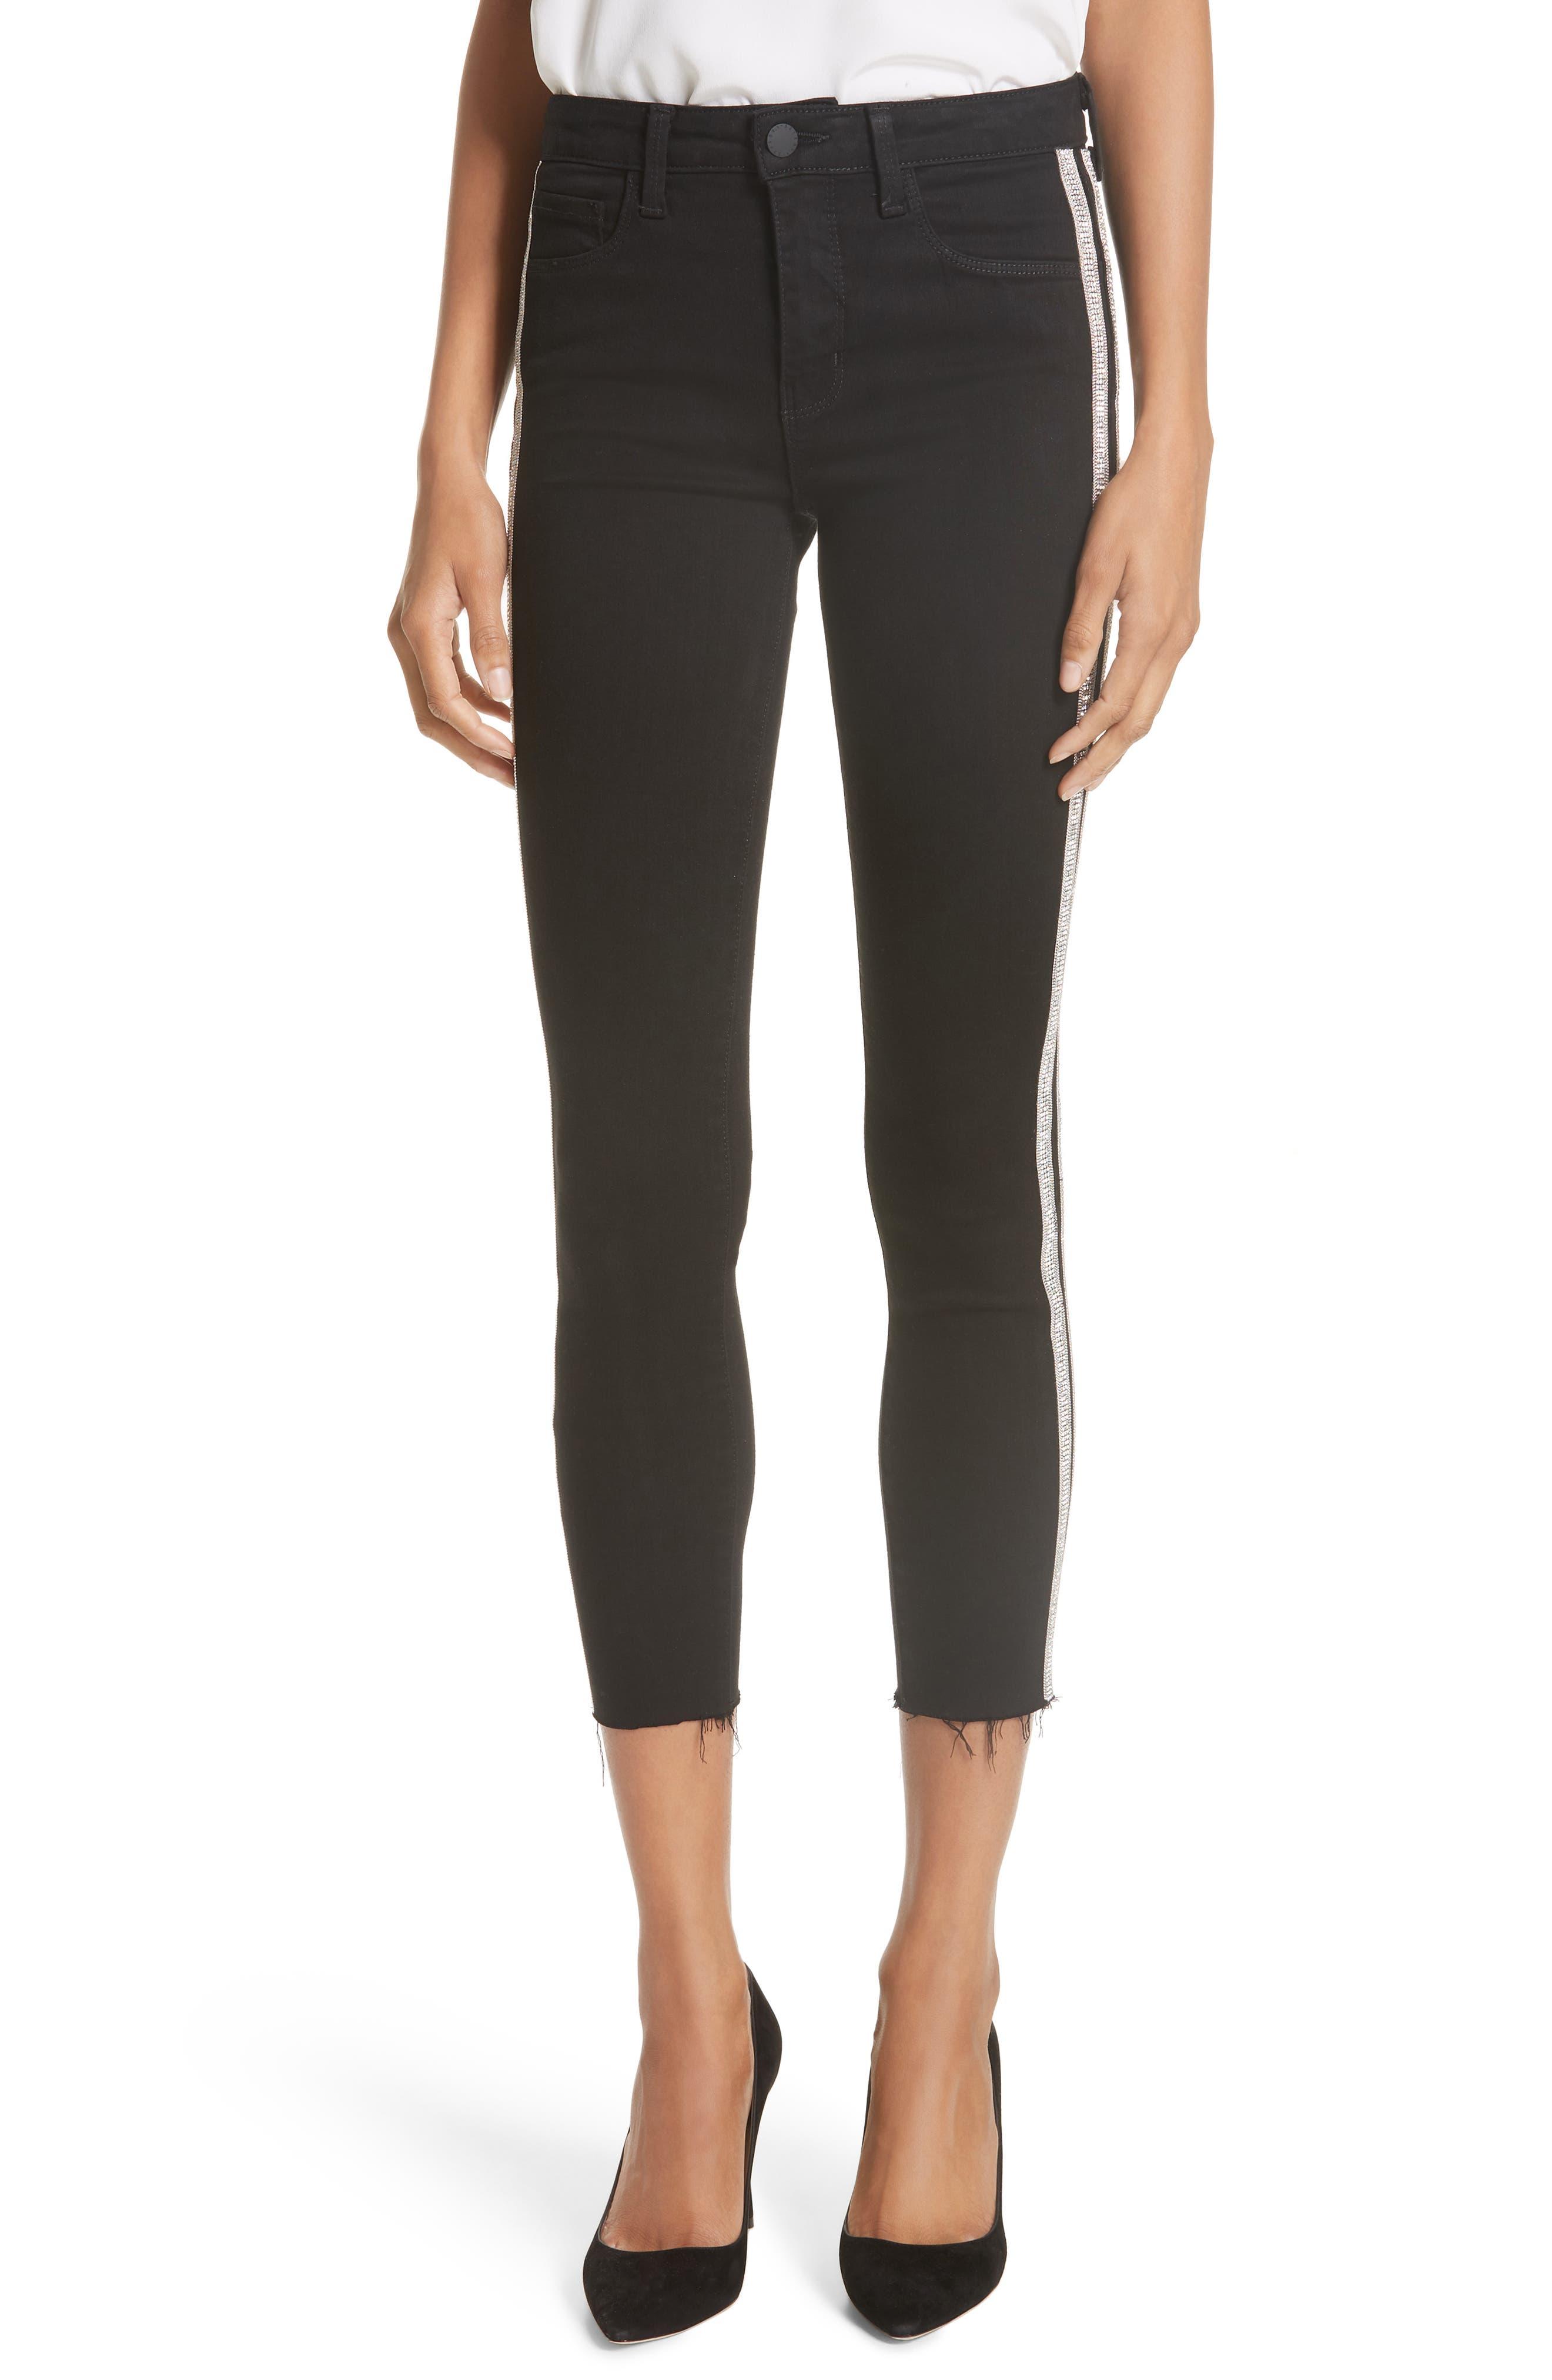 L'AGENCE Margot Embellished Side Stripe Crop Skinny Jeans, Main, color, NOIR